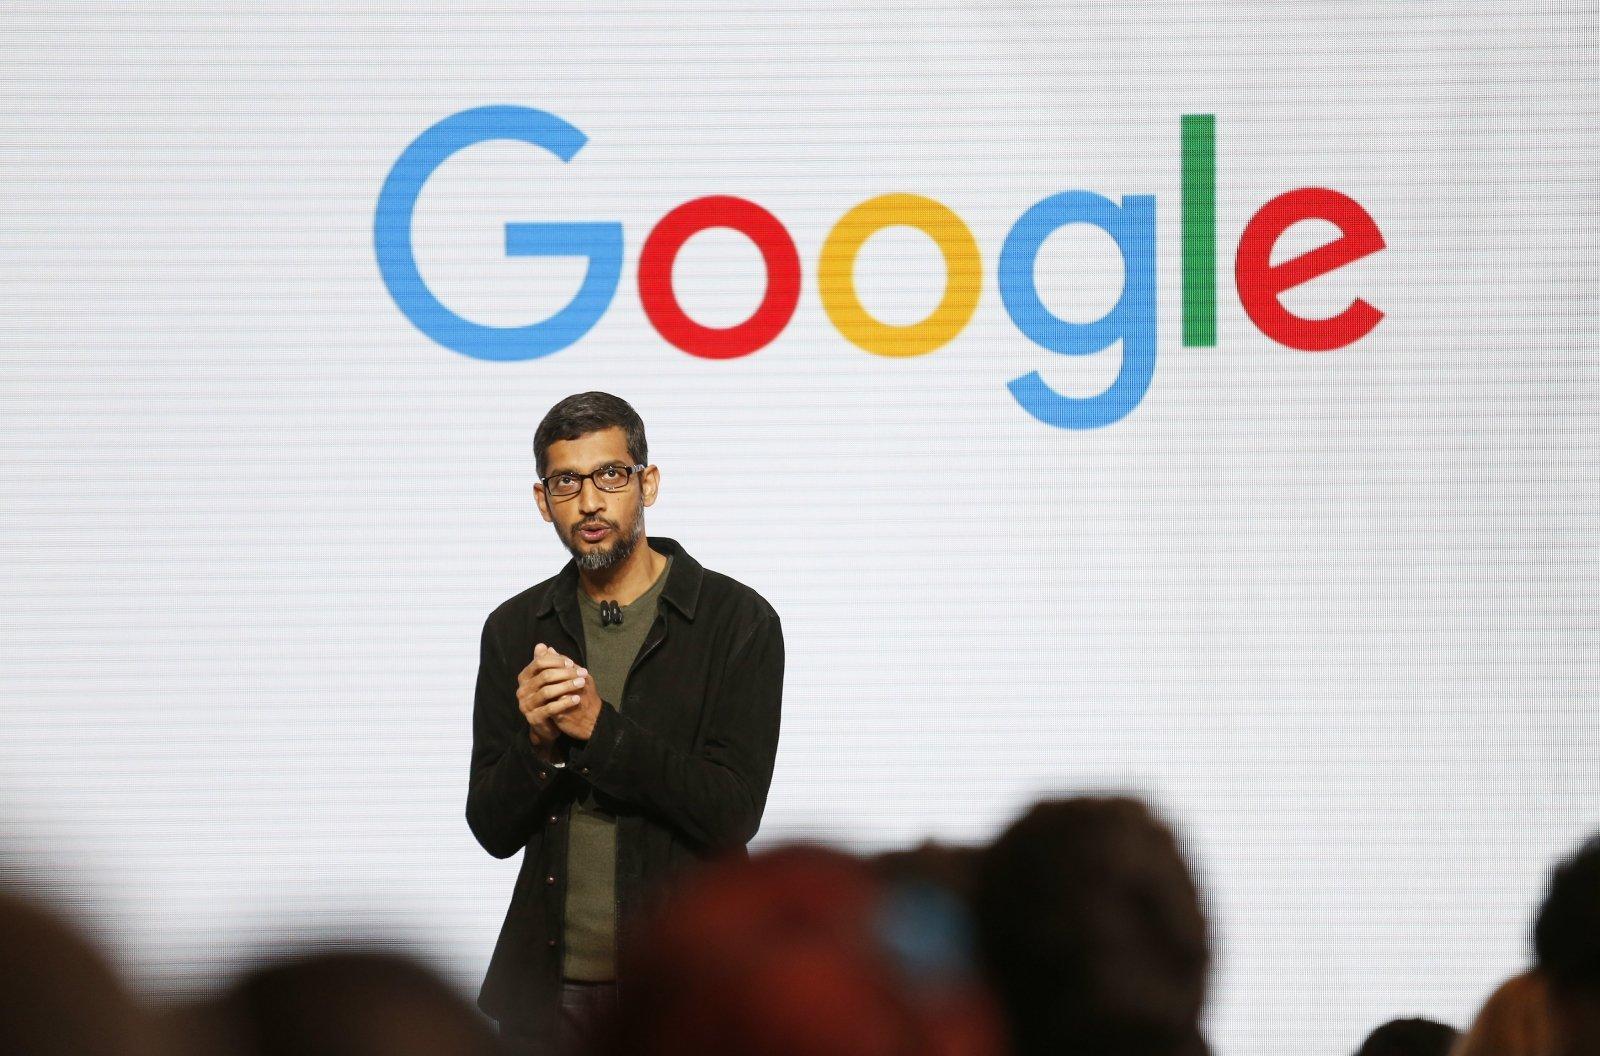 'Google'ın CEO-su Sundar Pichai: 'İnsanlar, yeni texnologiyalara hazır deyillər'